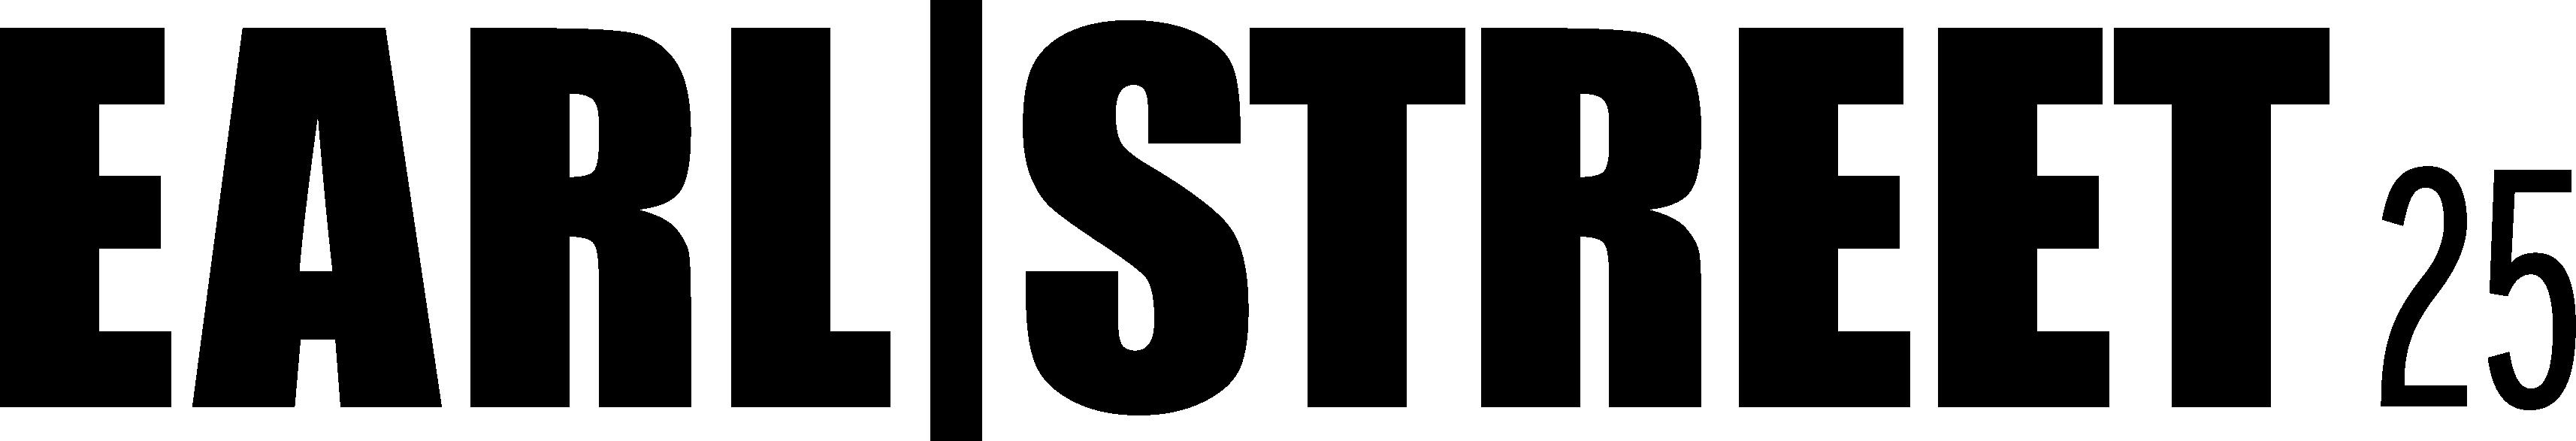 earlstreet_25_logo